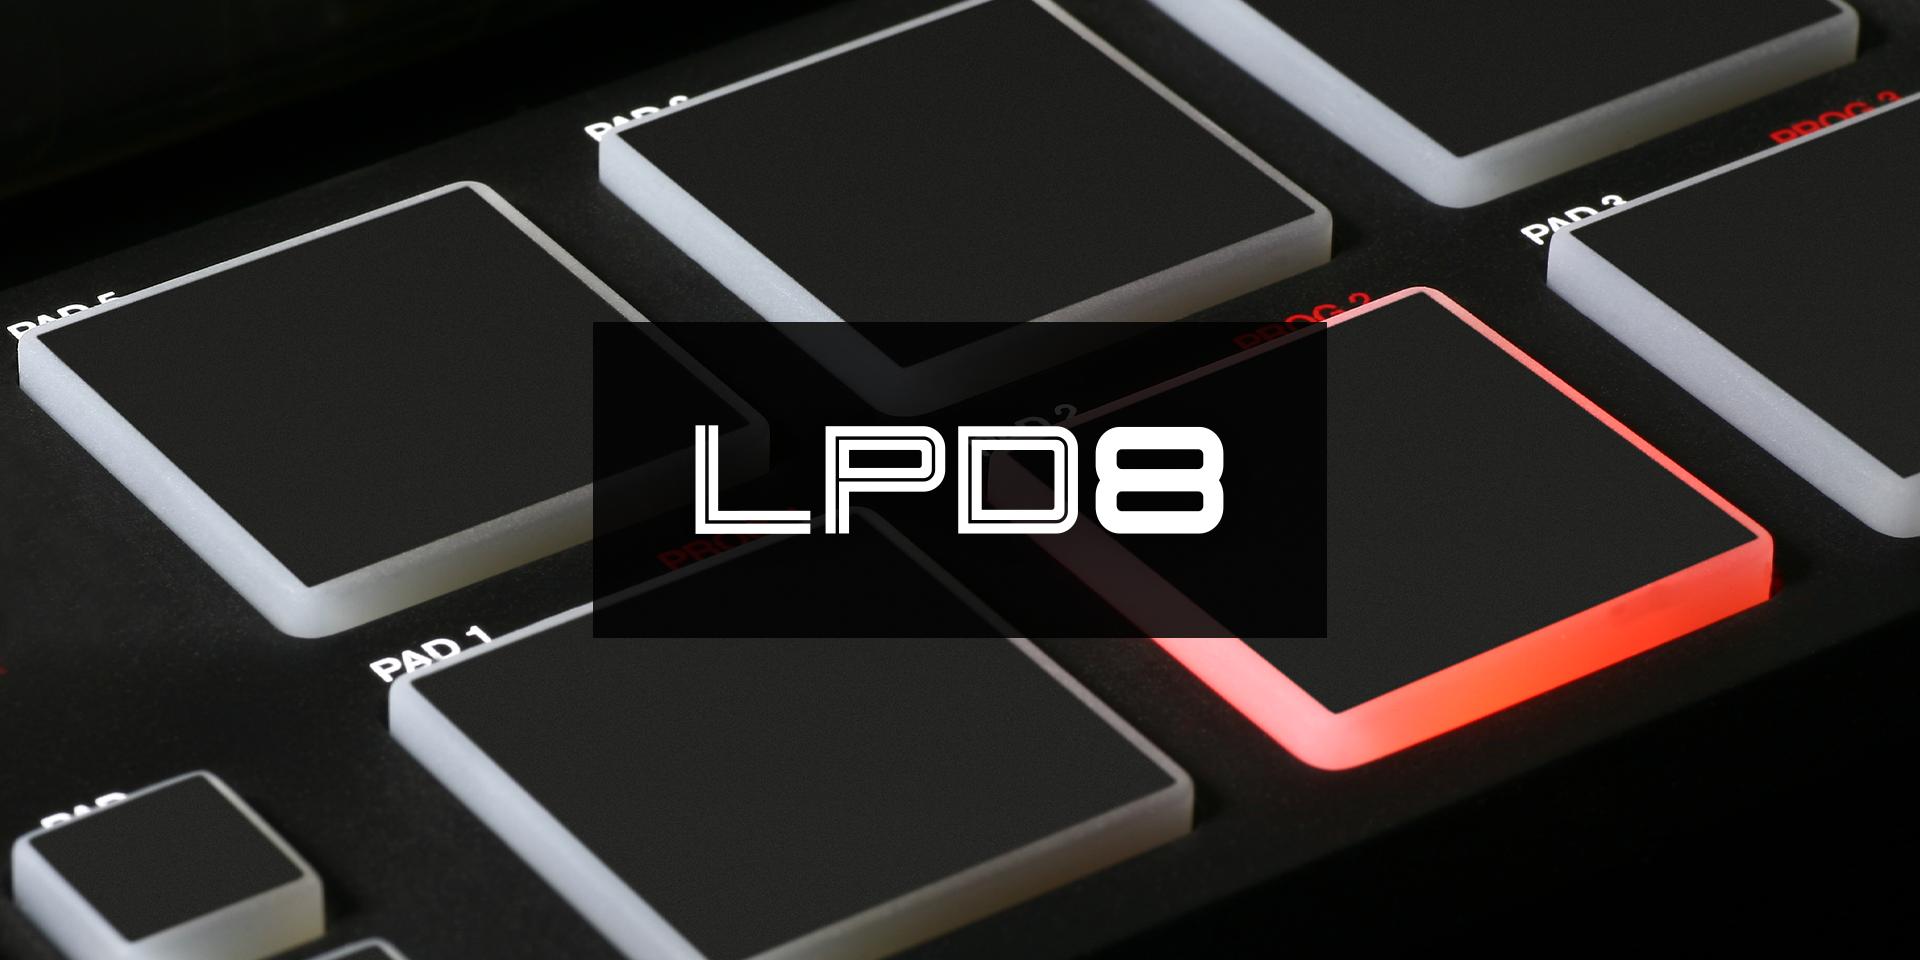 Akai Professional LPD8